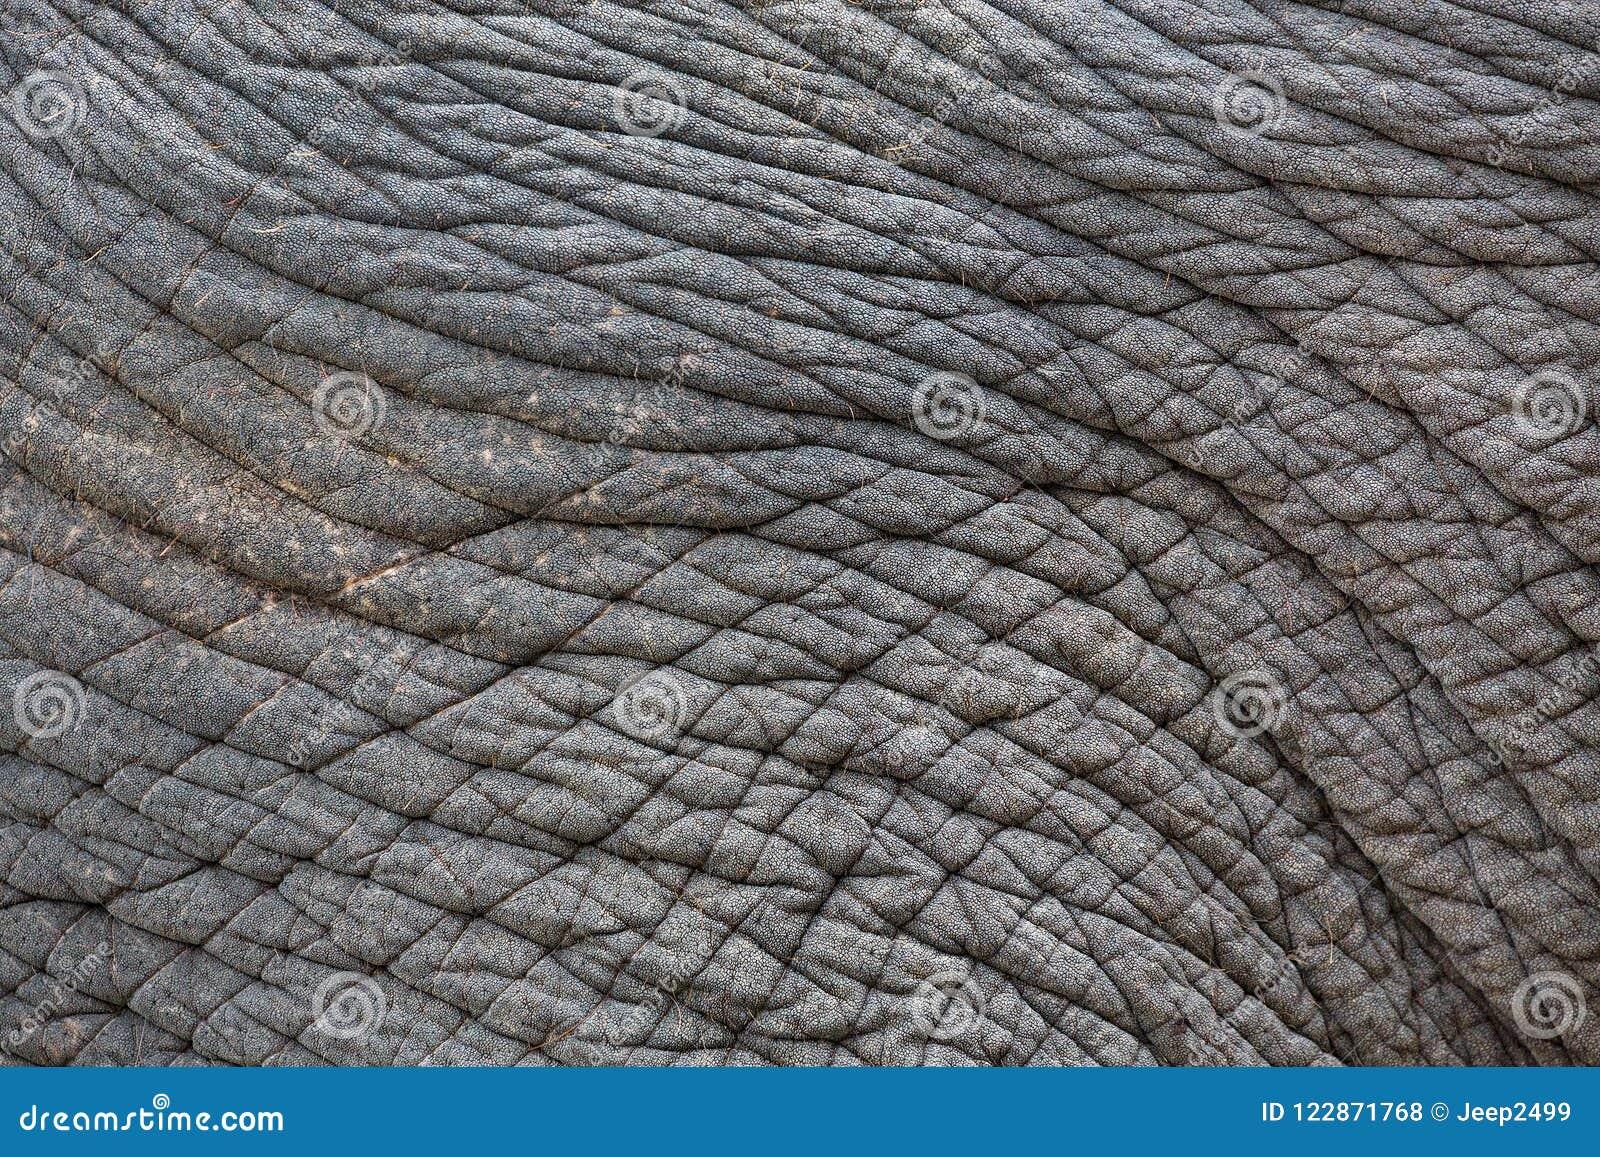 σχέδια και δέρμα των ελεφάντων